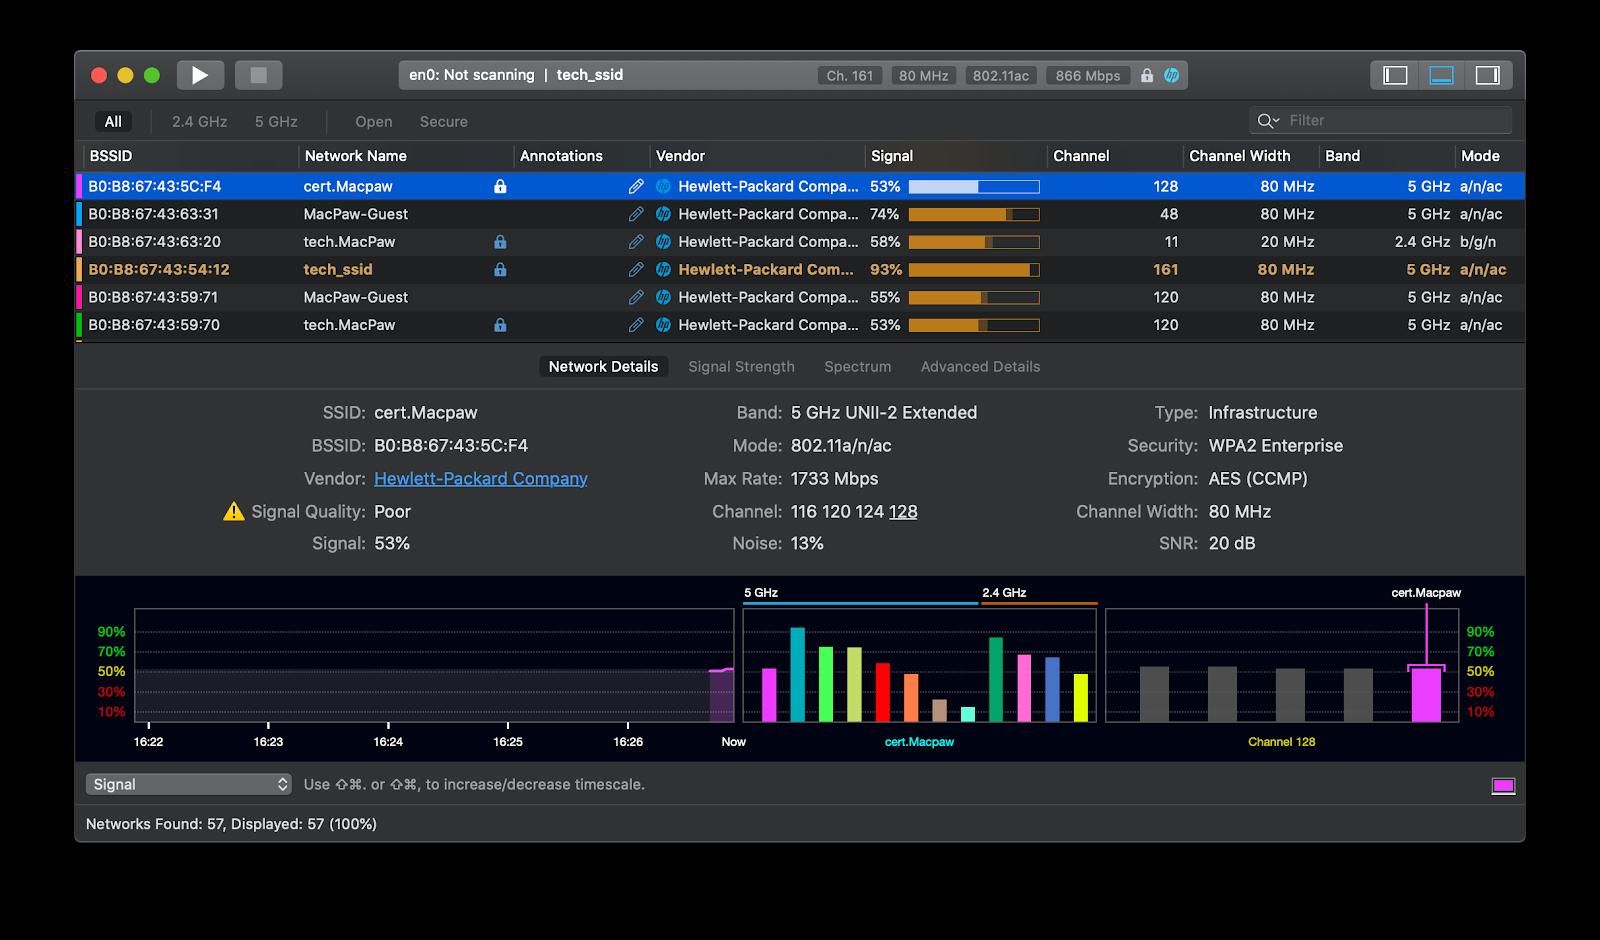 WiFi Explorer network connection optimizer app